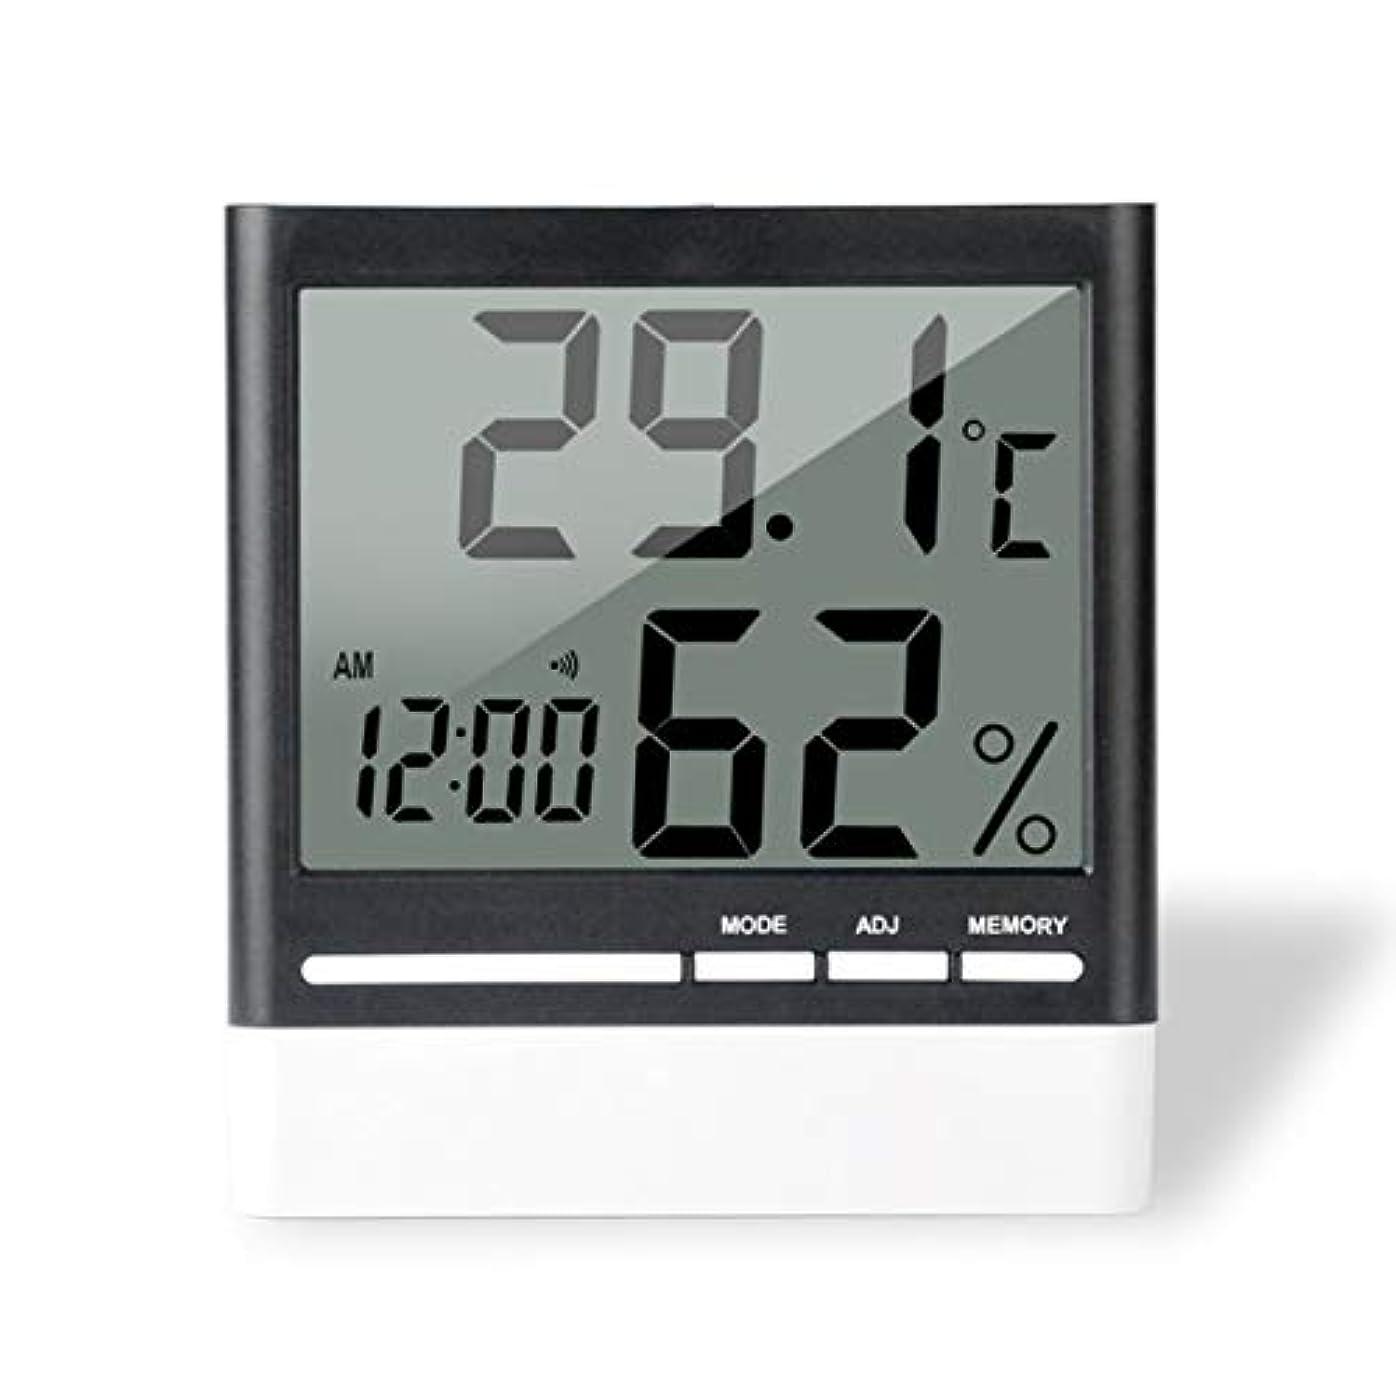 騒乱聴衆債権者Saikogoods 電子体温計湿度計 デジタルディスプレイ 温度湿度モニター アラーム時計 屋内家庭用 ブラック